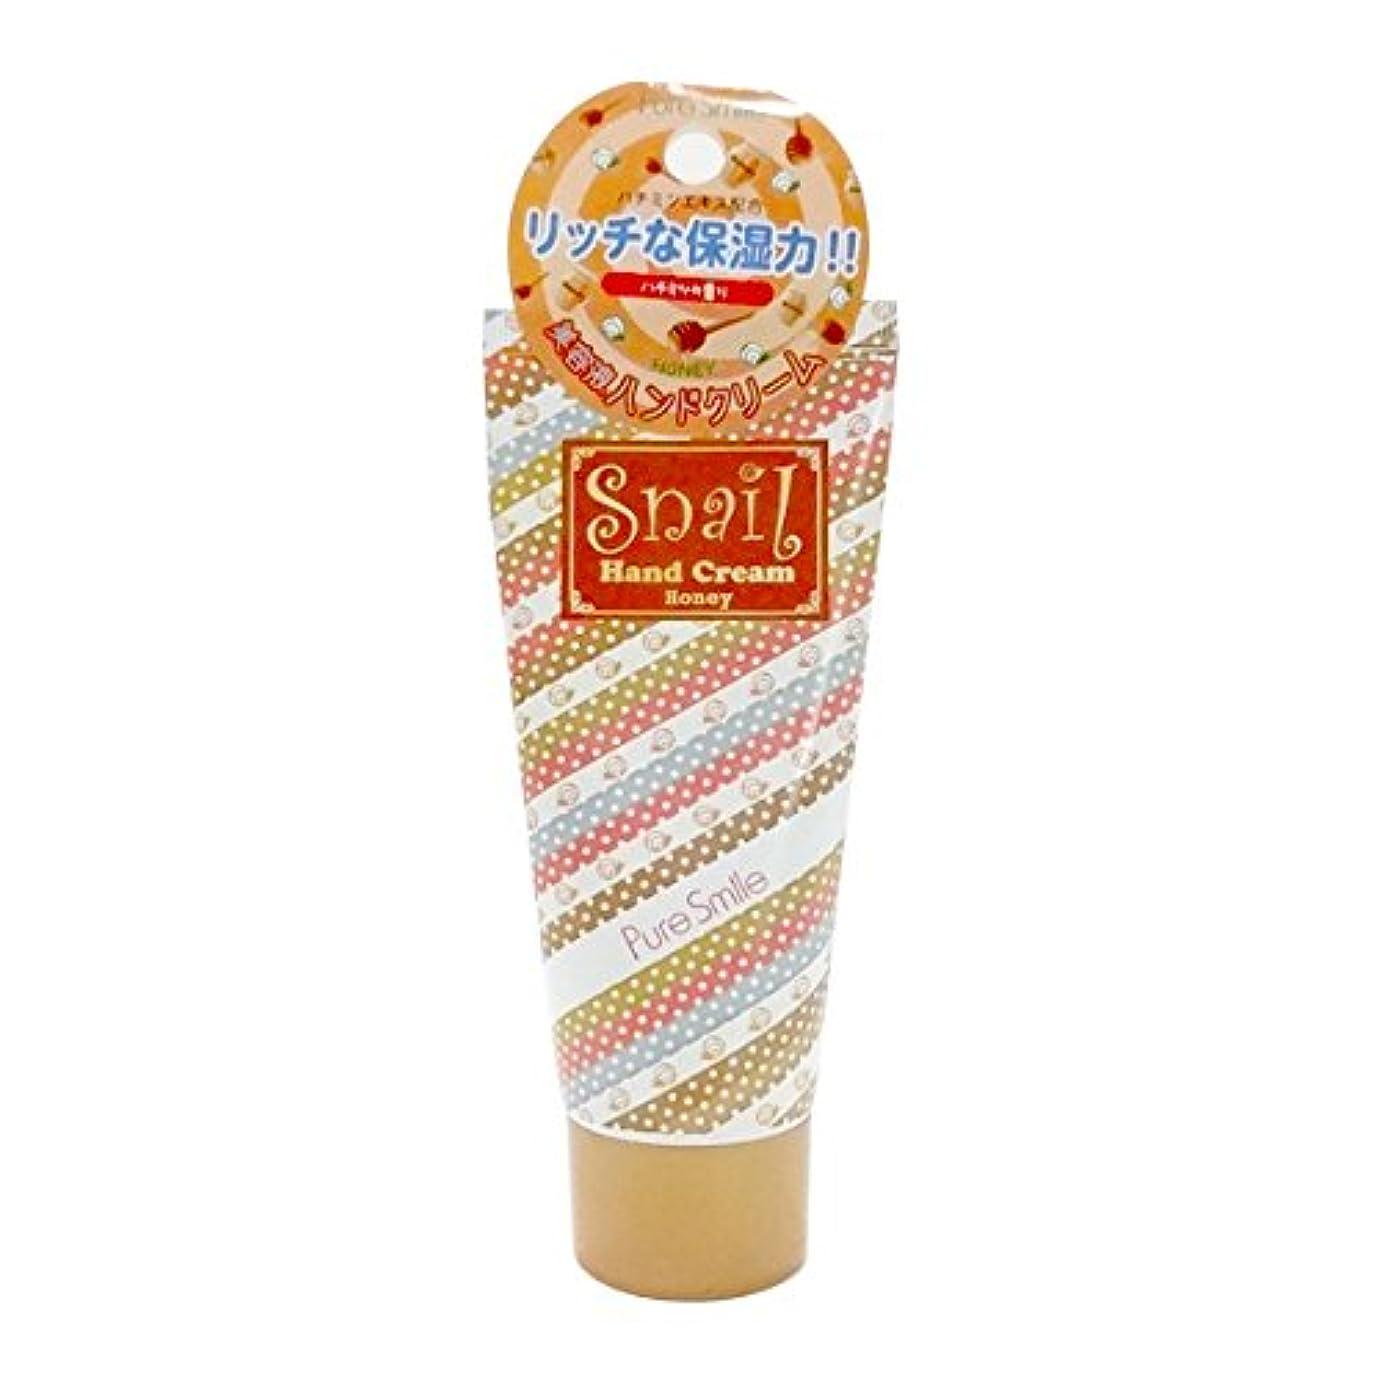 パラシュート高価な偽スネイル ハンドクリーム『ハチミツの香り』 60g SH03-HONEY